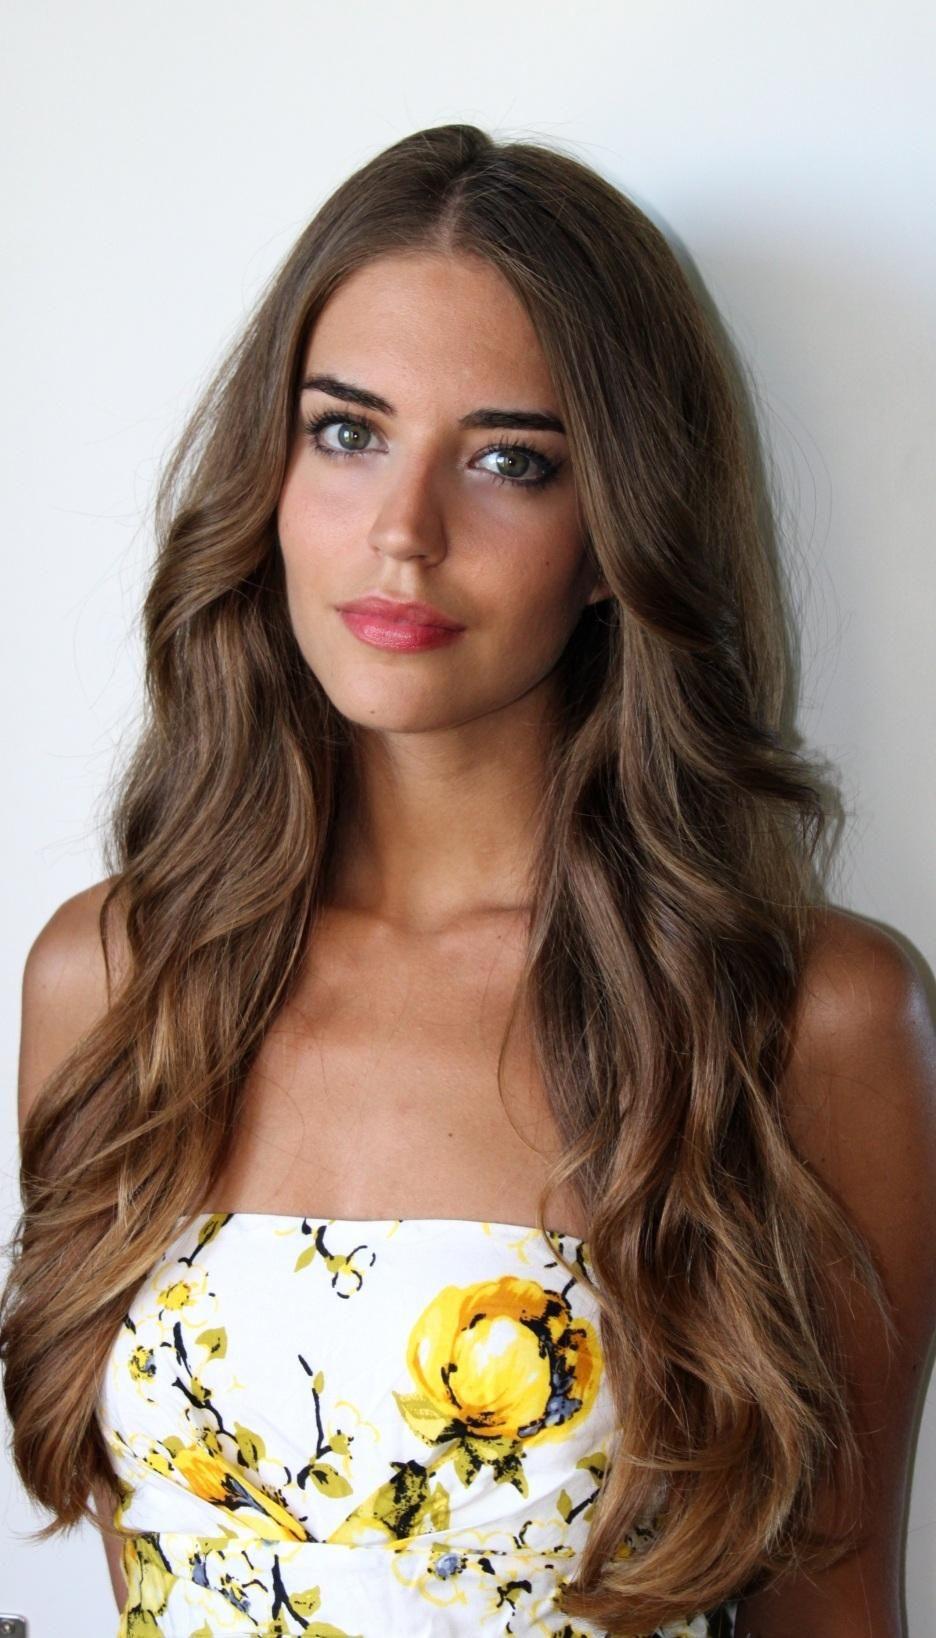 Hairstyles For Long Thin Hair 20 Terrific Hairstyles For Long Thin Hair  Hair Coloring Natural